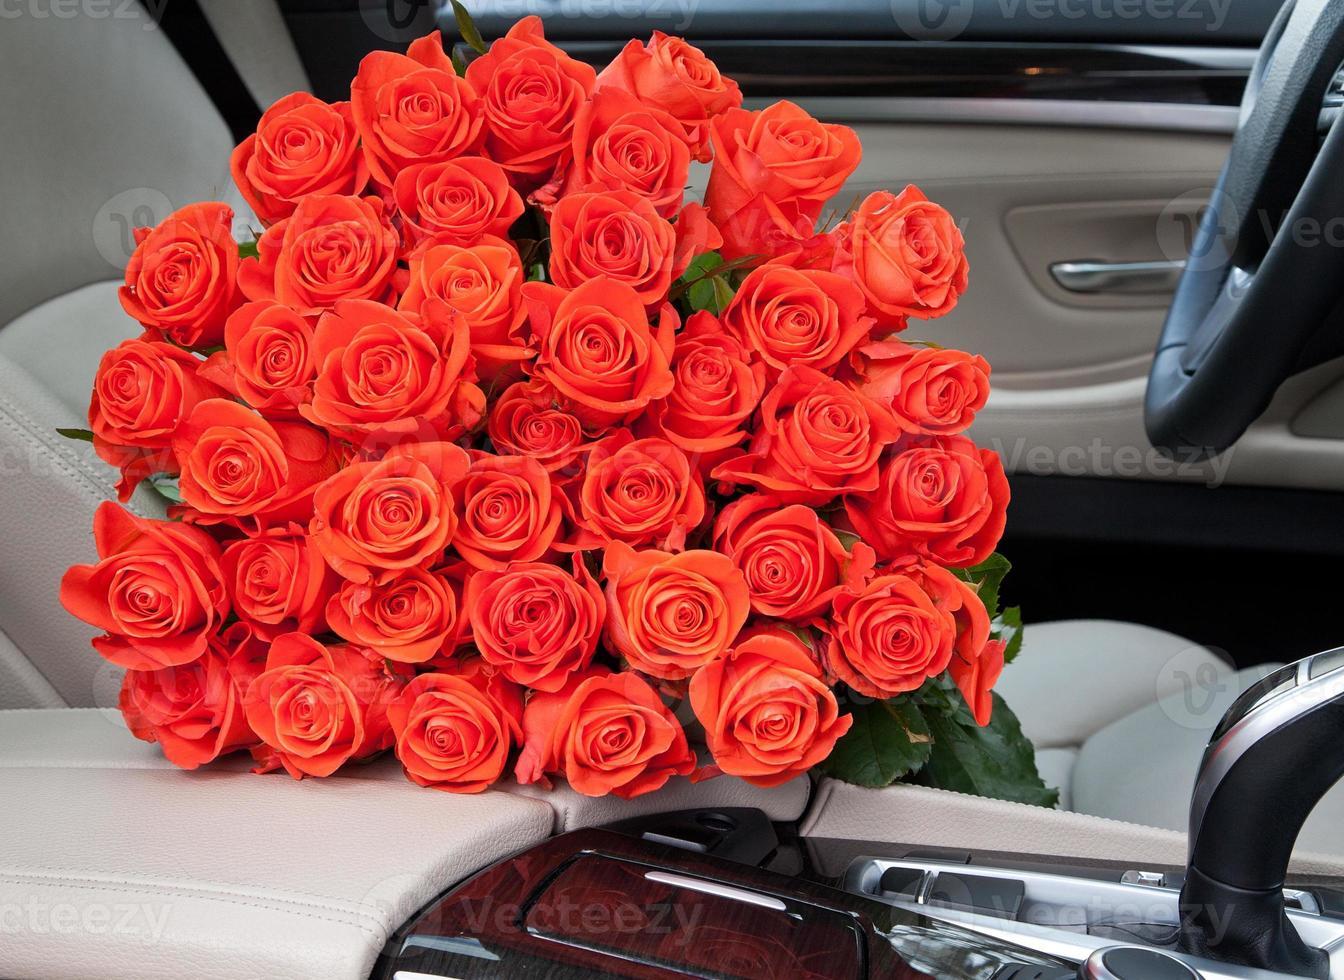 buquê de rosas vermelhas foto